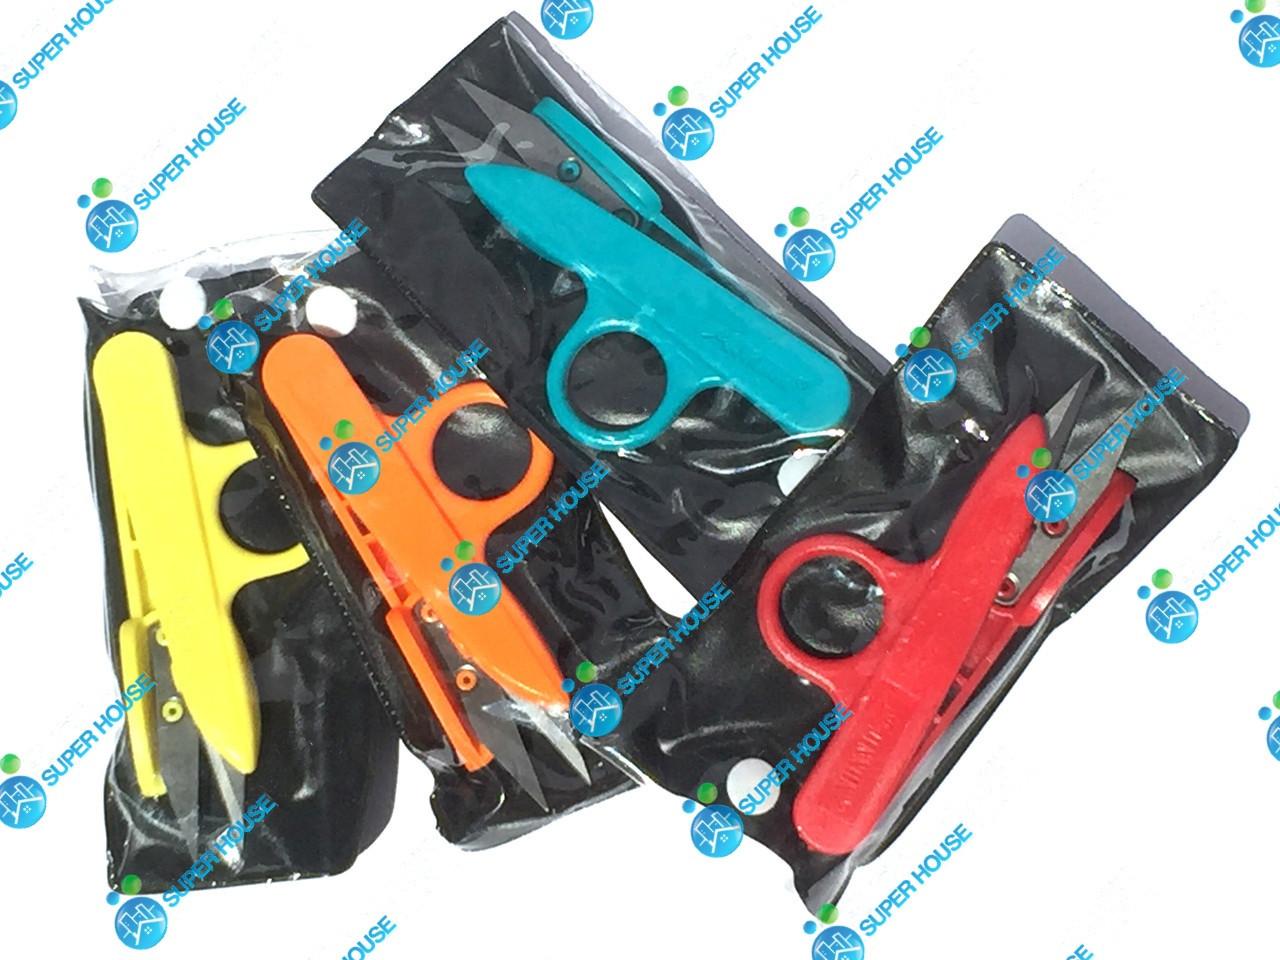 Щипцы, ножницы для обрезки ниток 125мм. Разноцветные.